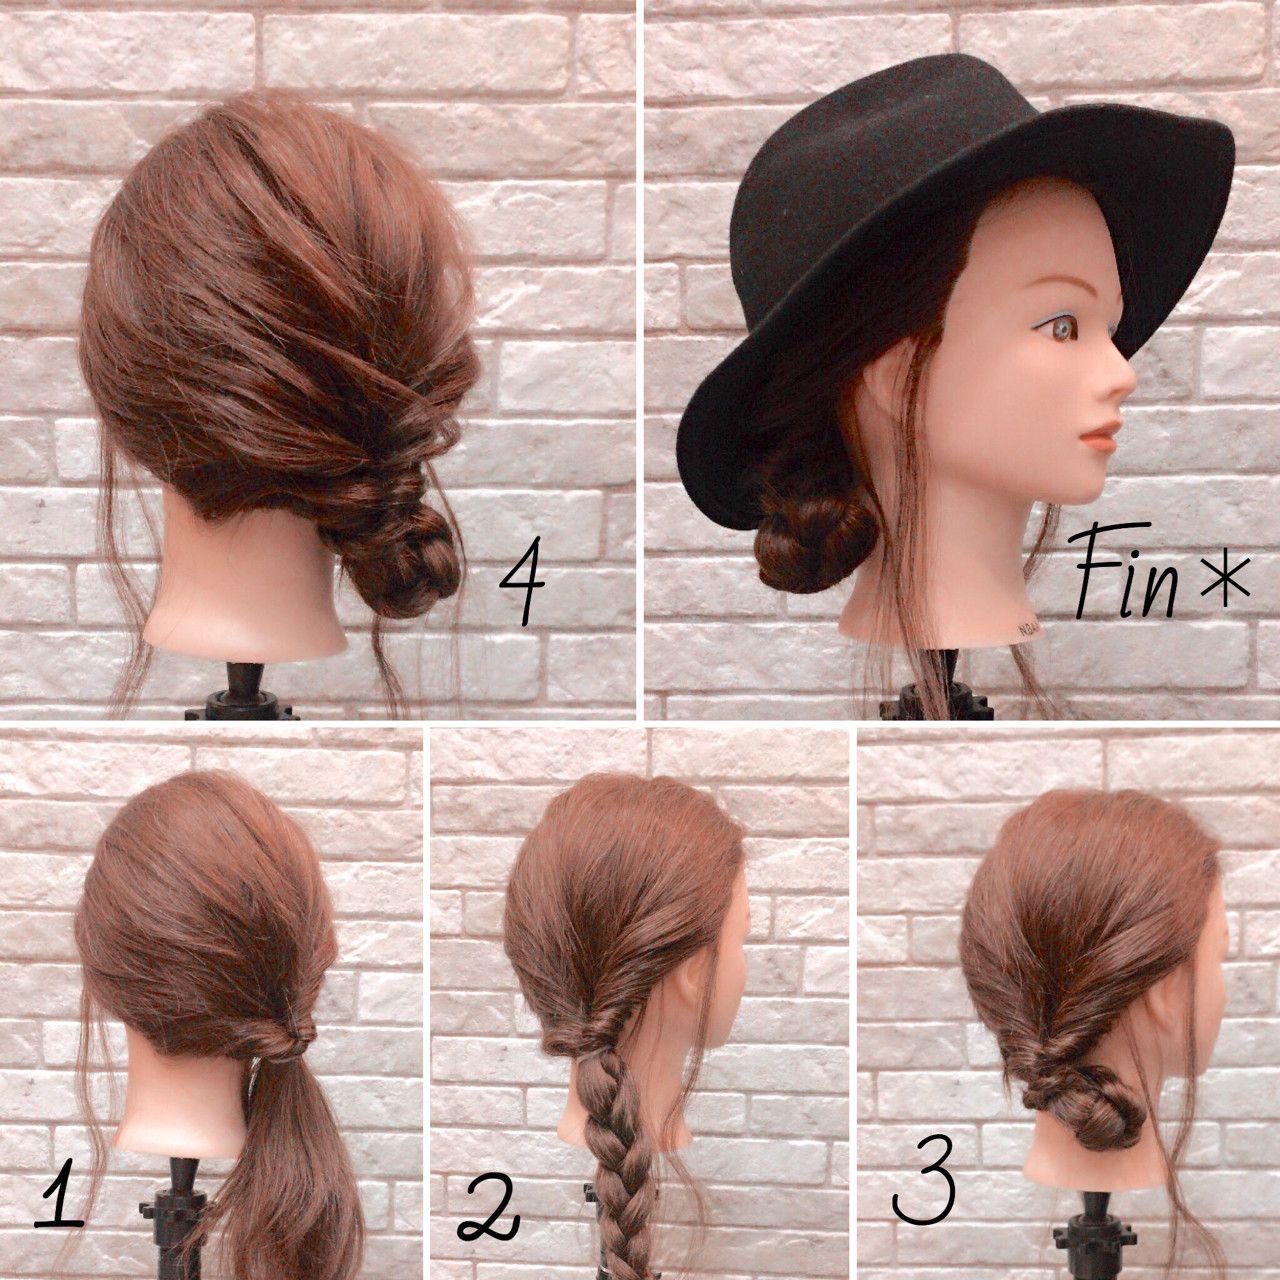 春夏におすすめ 帽子をおしゃれに見せるおすすめのヘアアレンジ